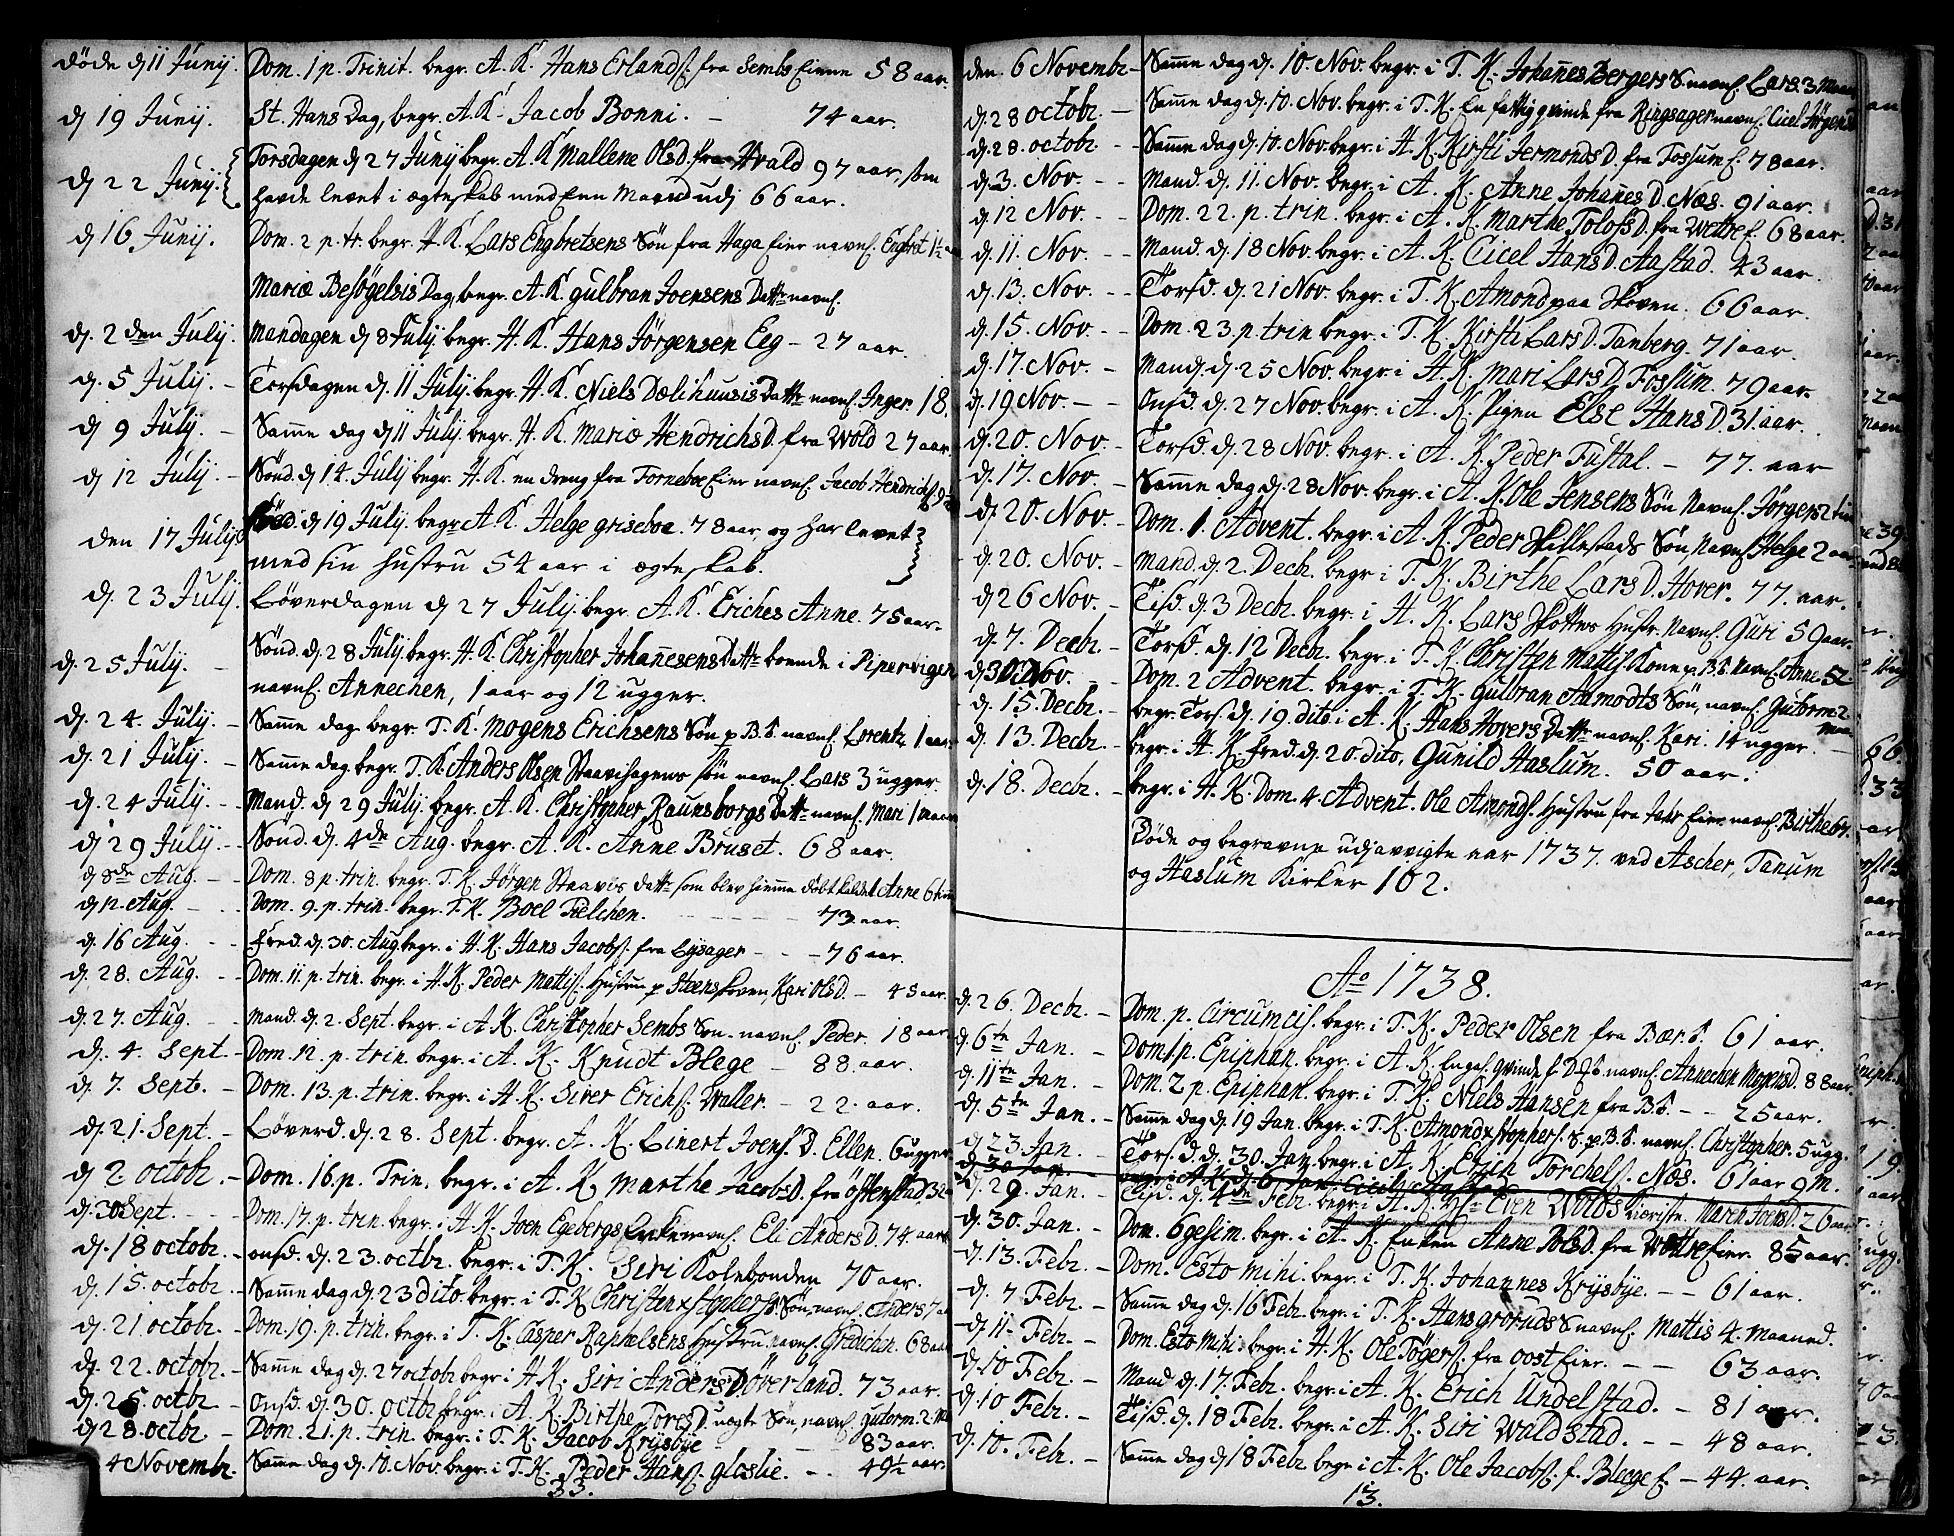 SAO, Asker prestekontor Kirkebøker, F/Fa/L0001: Ministerialbok nr. I 1, 1726-1744, s. 101